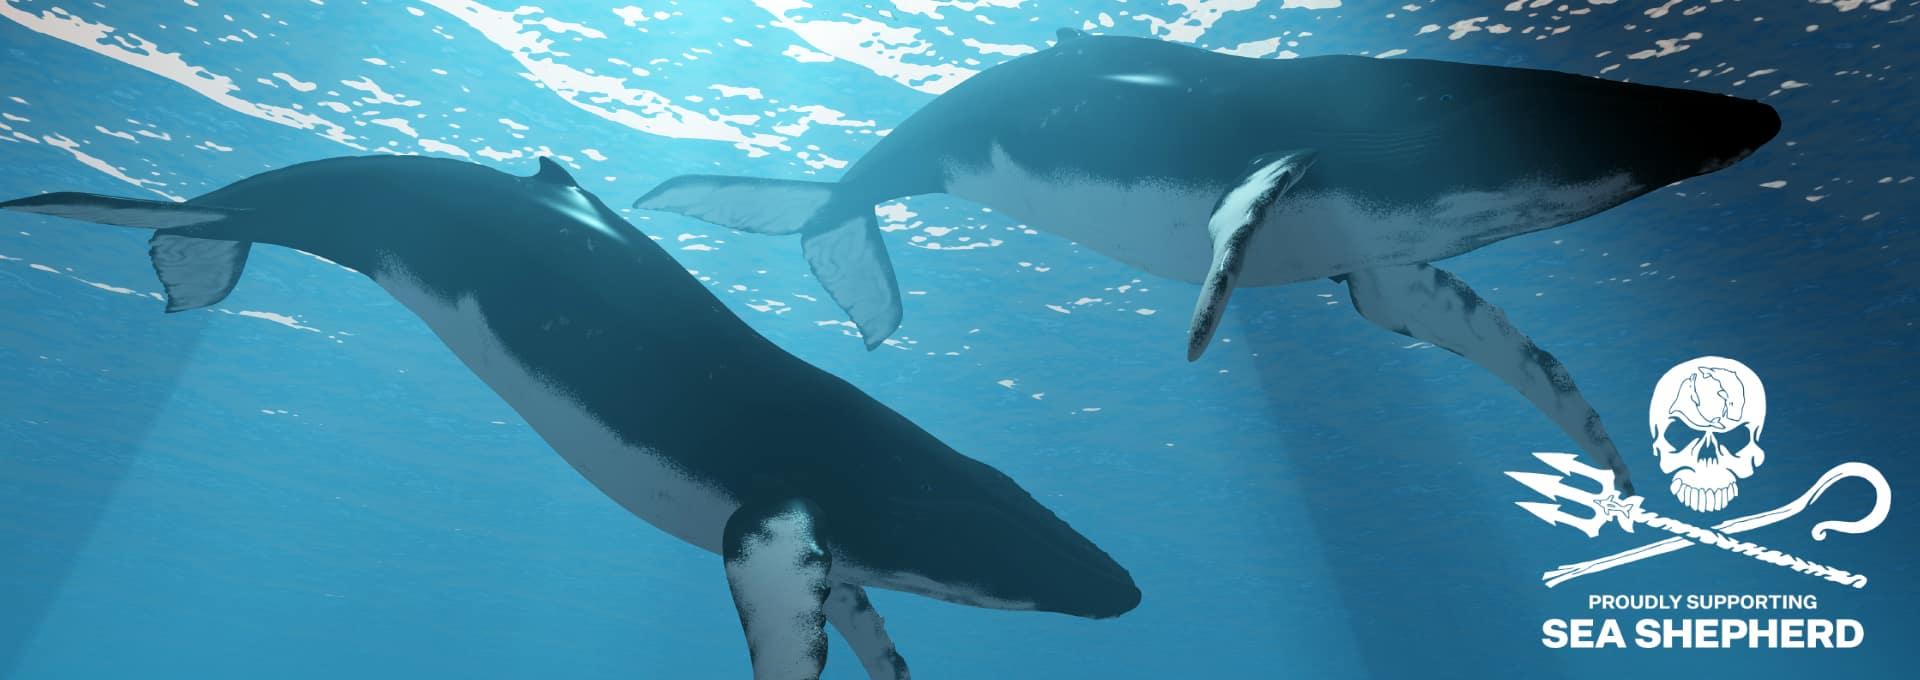 Durch Sea Shepherd setzt sich DQ Solutions ein für den Schutz von Walen und anderen Meeresbewohnern